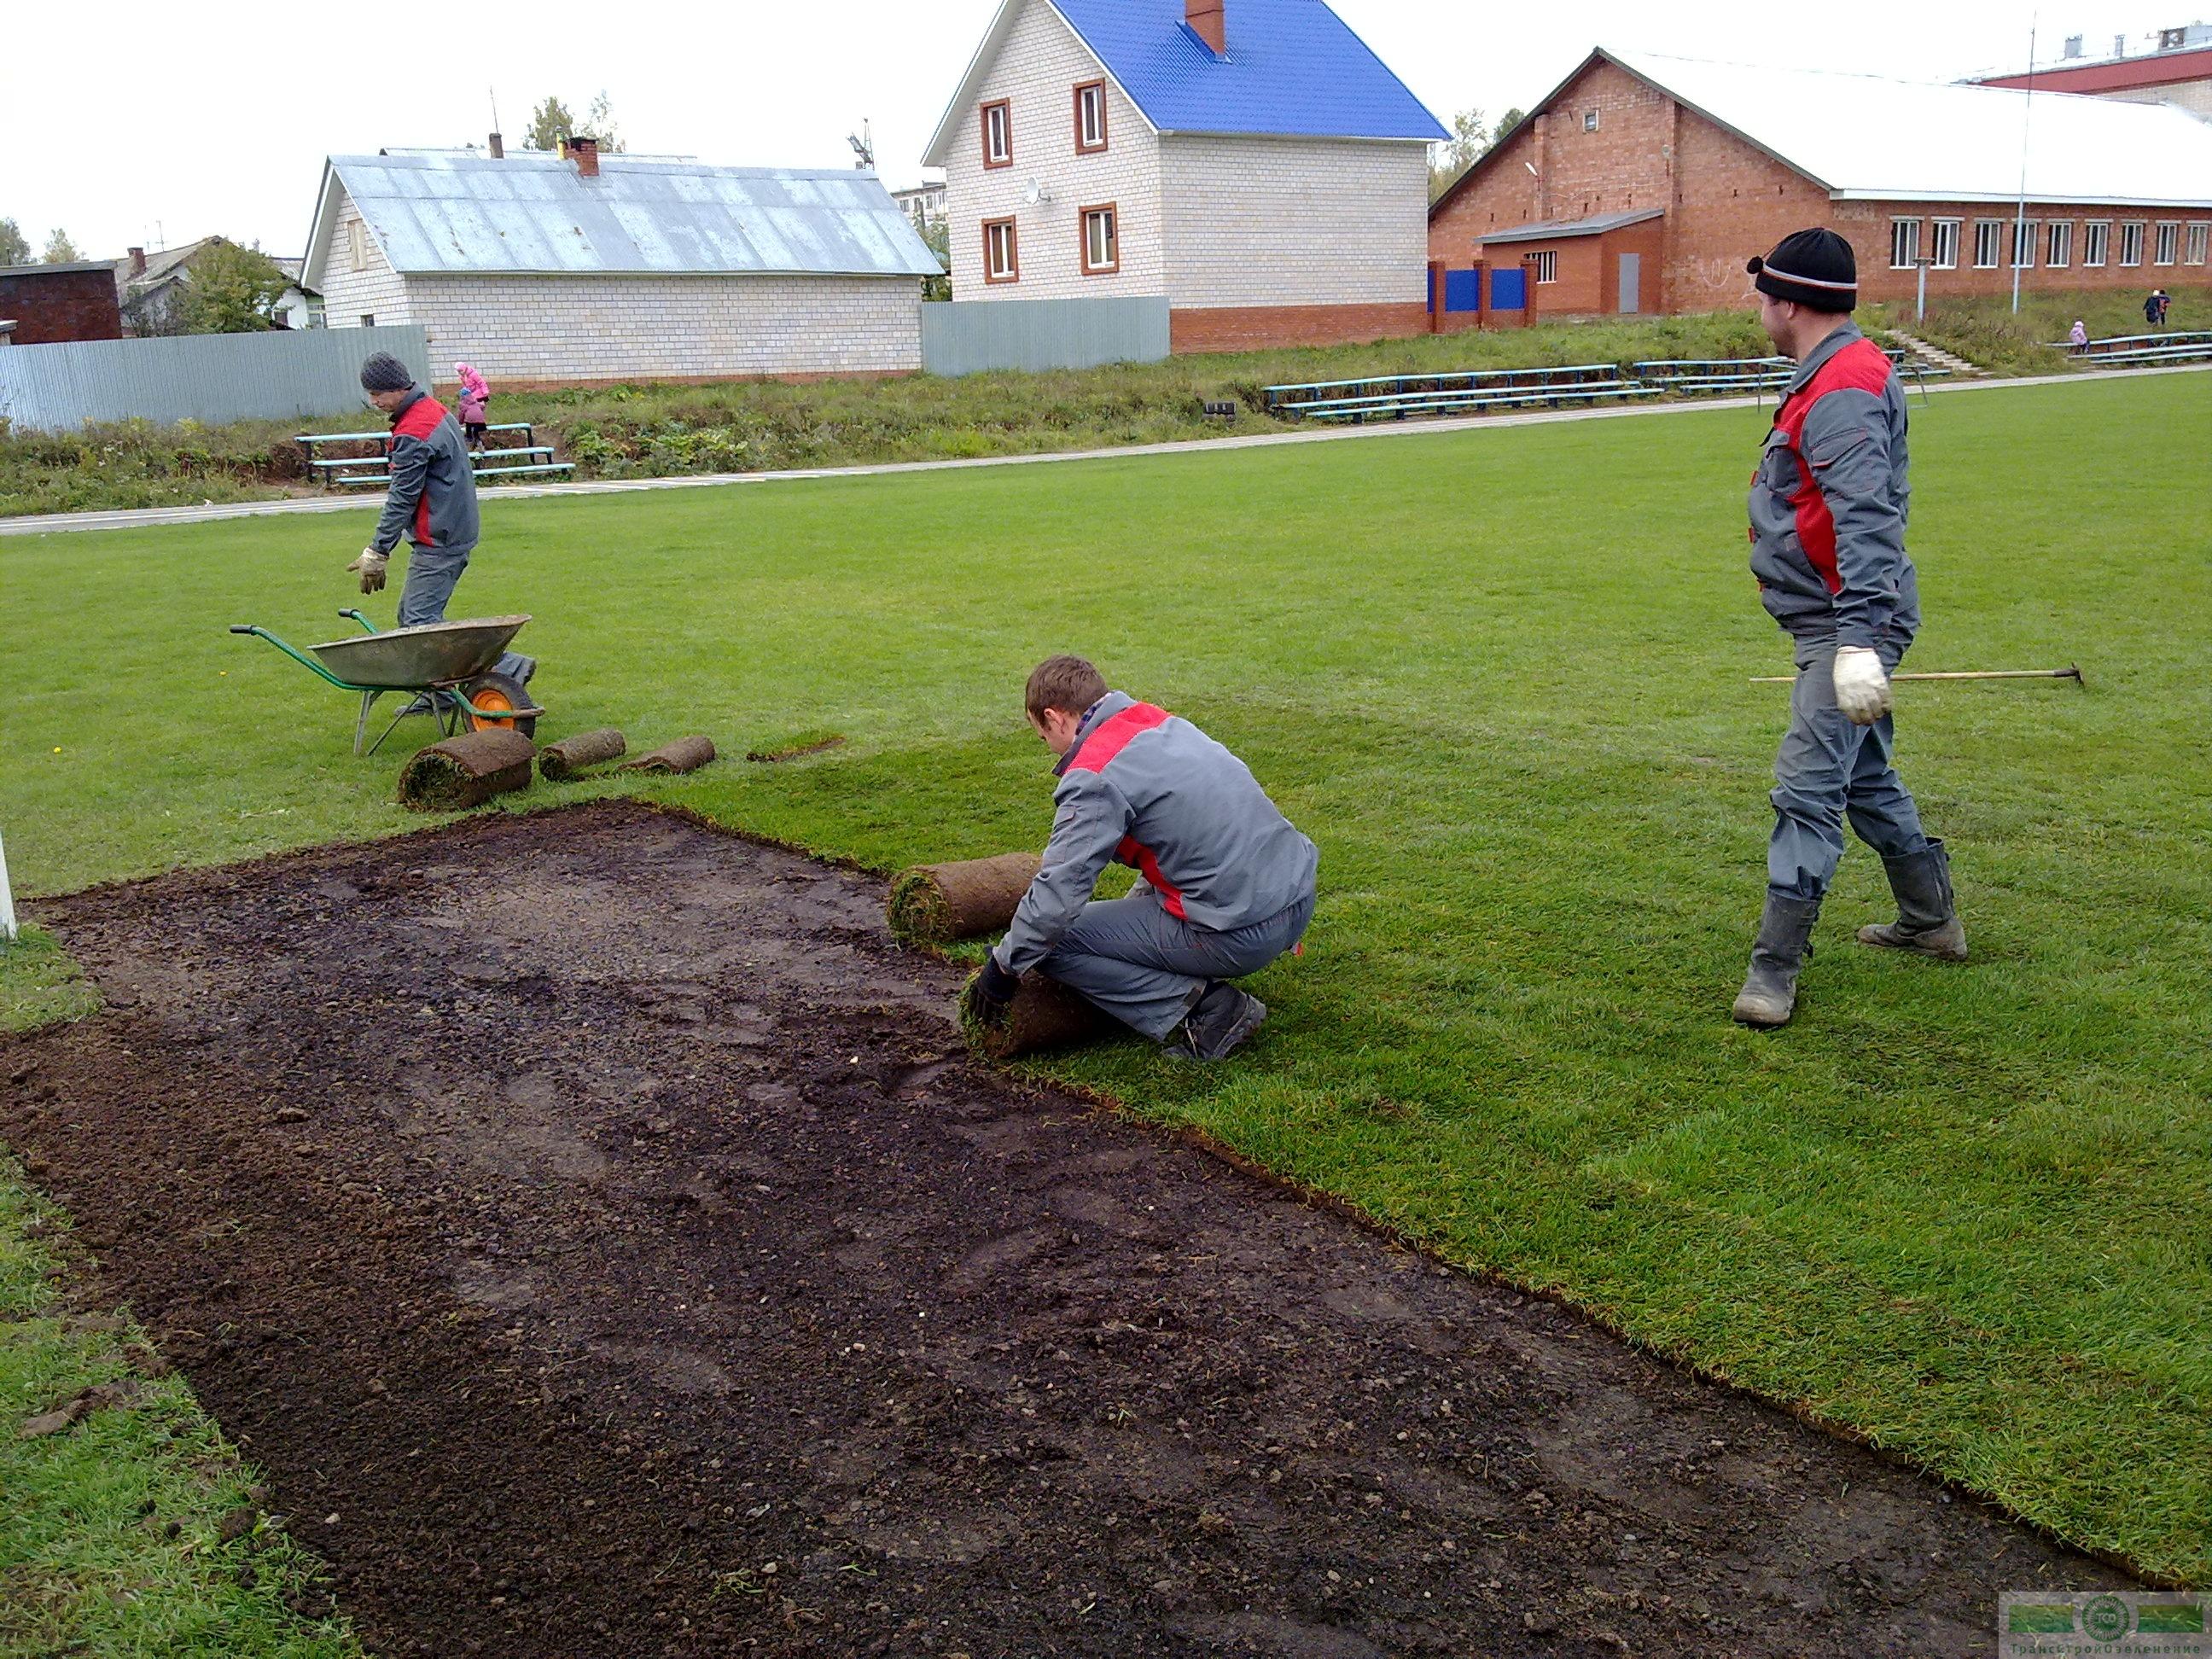 Когда лучше копать огород: осенью или весной, и почему